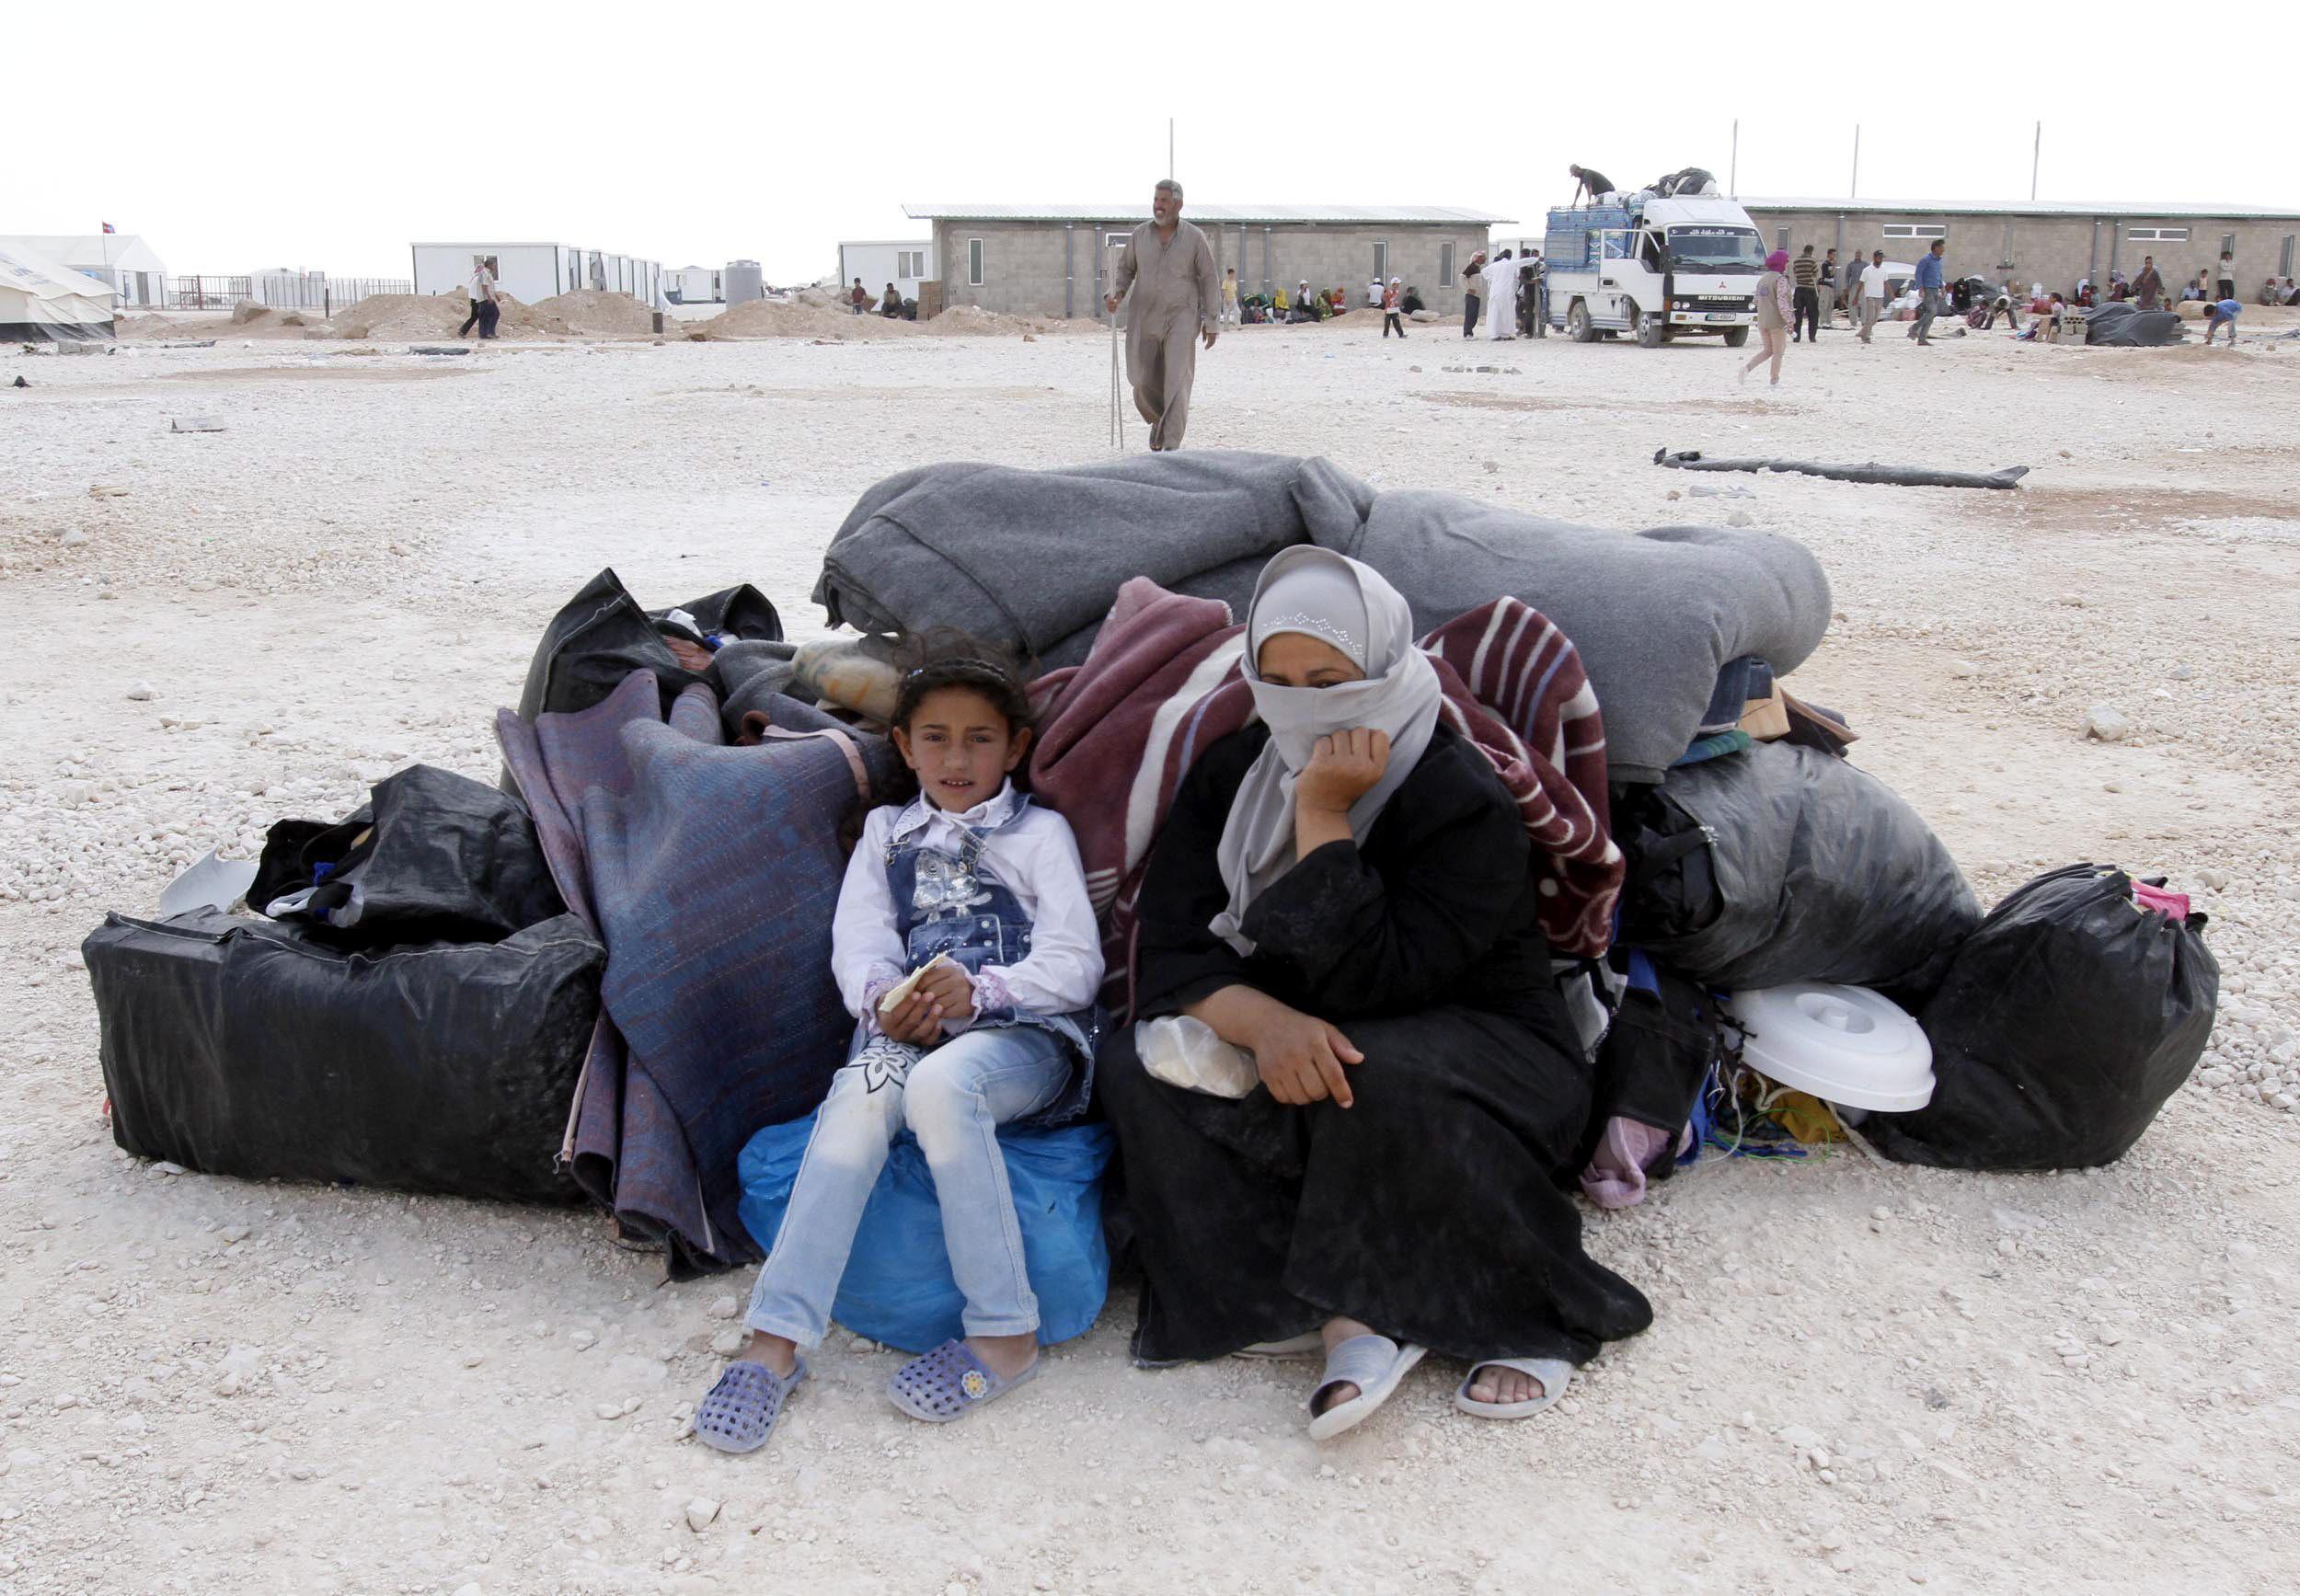 Jordania impide la entrada a miles de refugiados sirios por primera vez en dos años